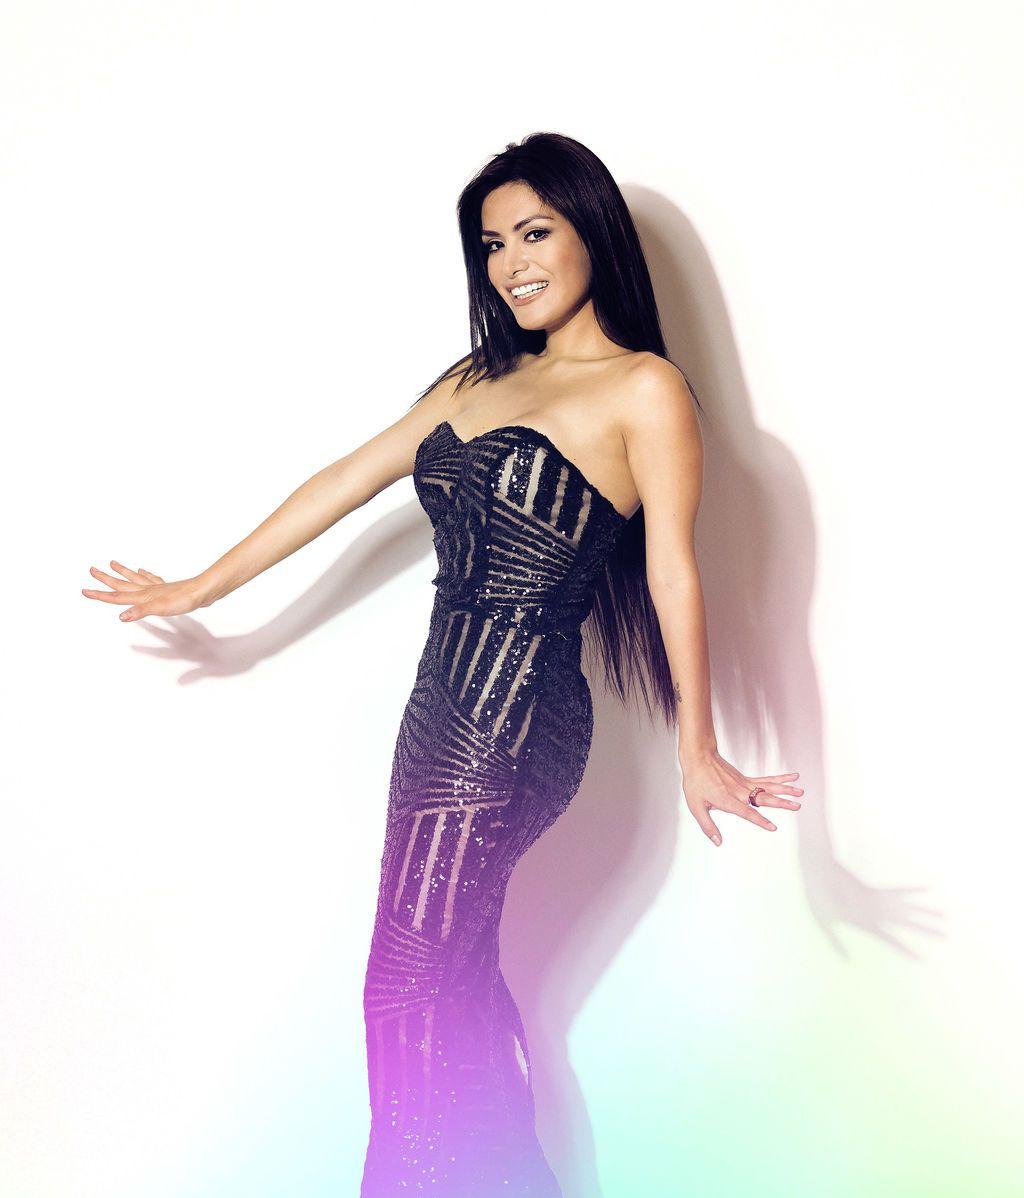 Miriam Saavedra. Modelo y actriz. Perú. 25 años.